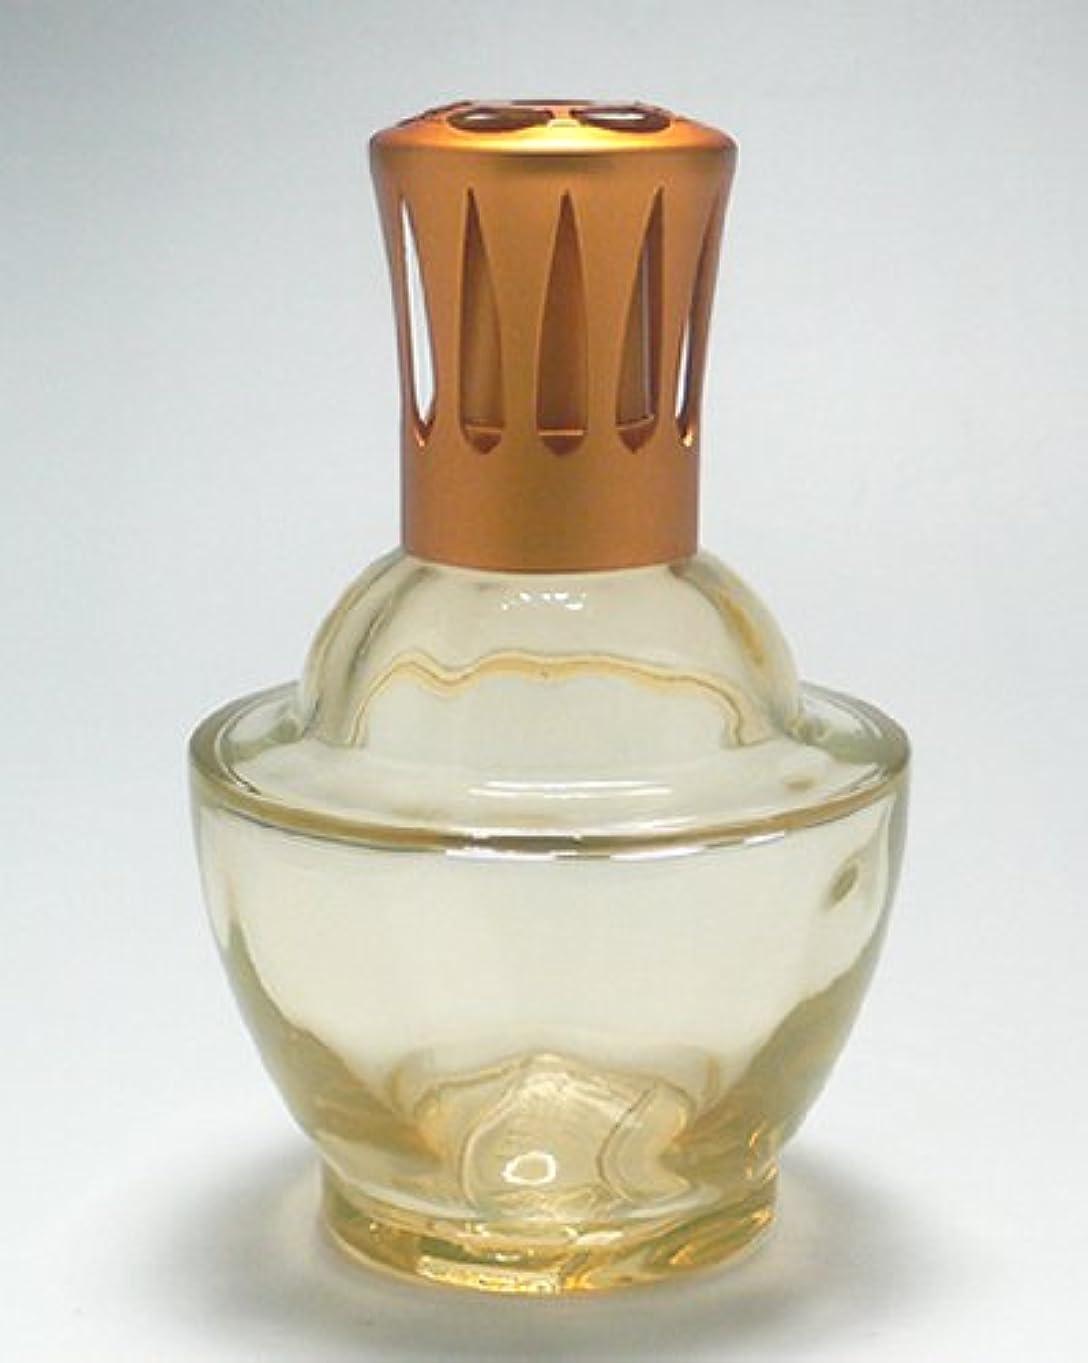 割り当てますモッキンバード成人期【ランプベルジェ】 ガラスランプ ファウンテン 3249 オレンジ